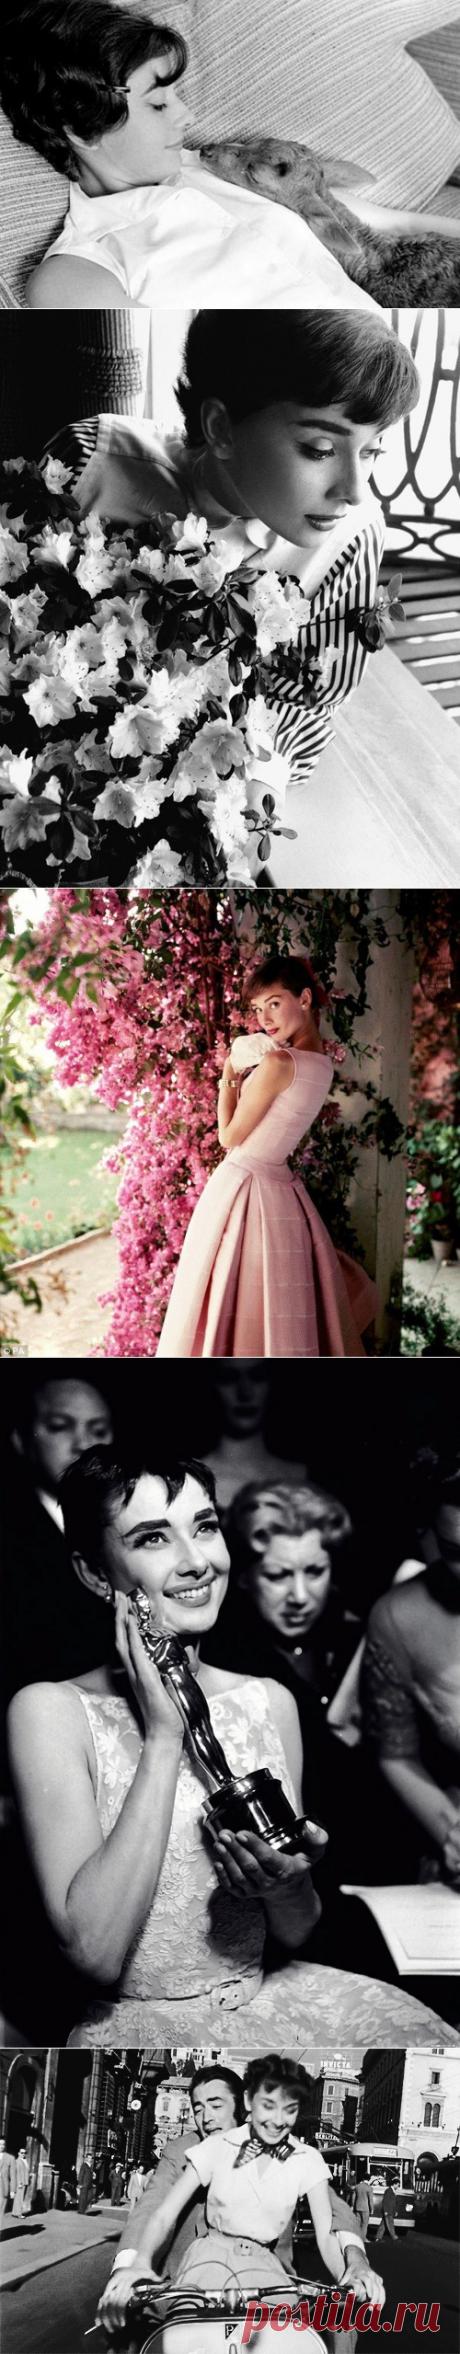 Audrey Hepbern y su estilo gamine – Woman & Delice